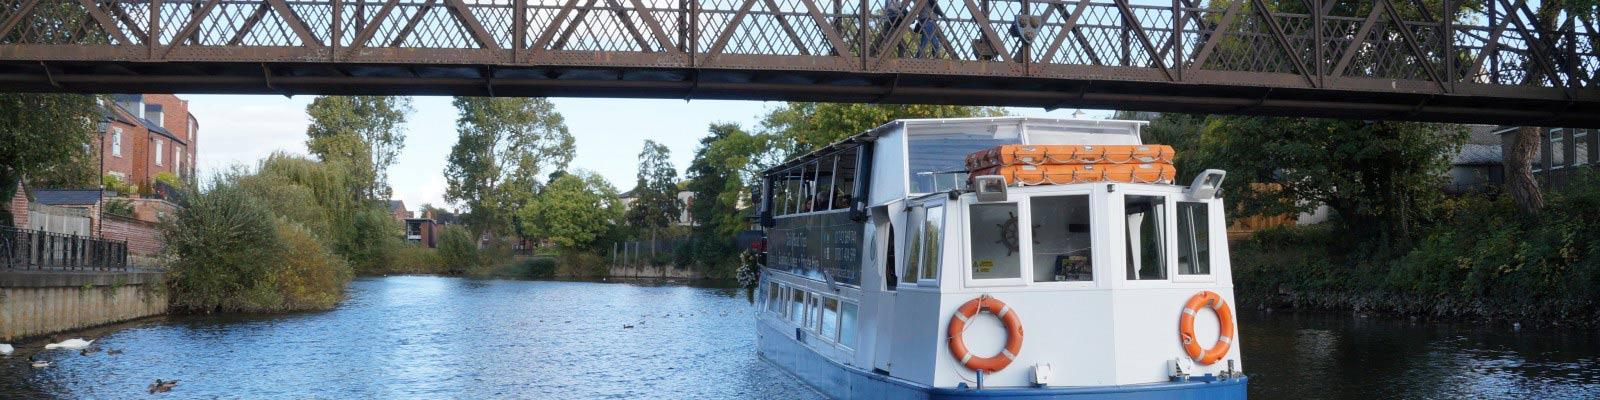 Sabrina Boat Daily Cruise